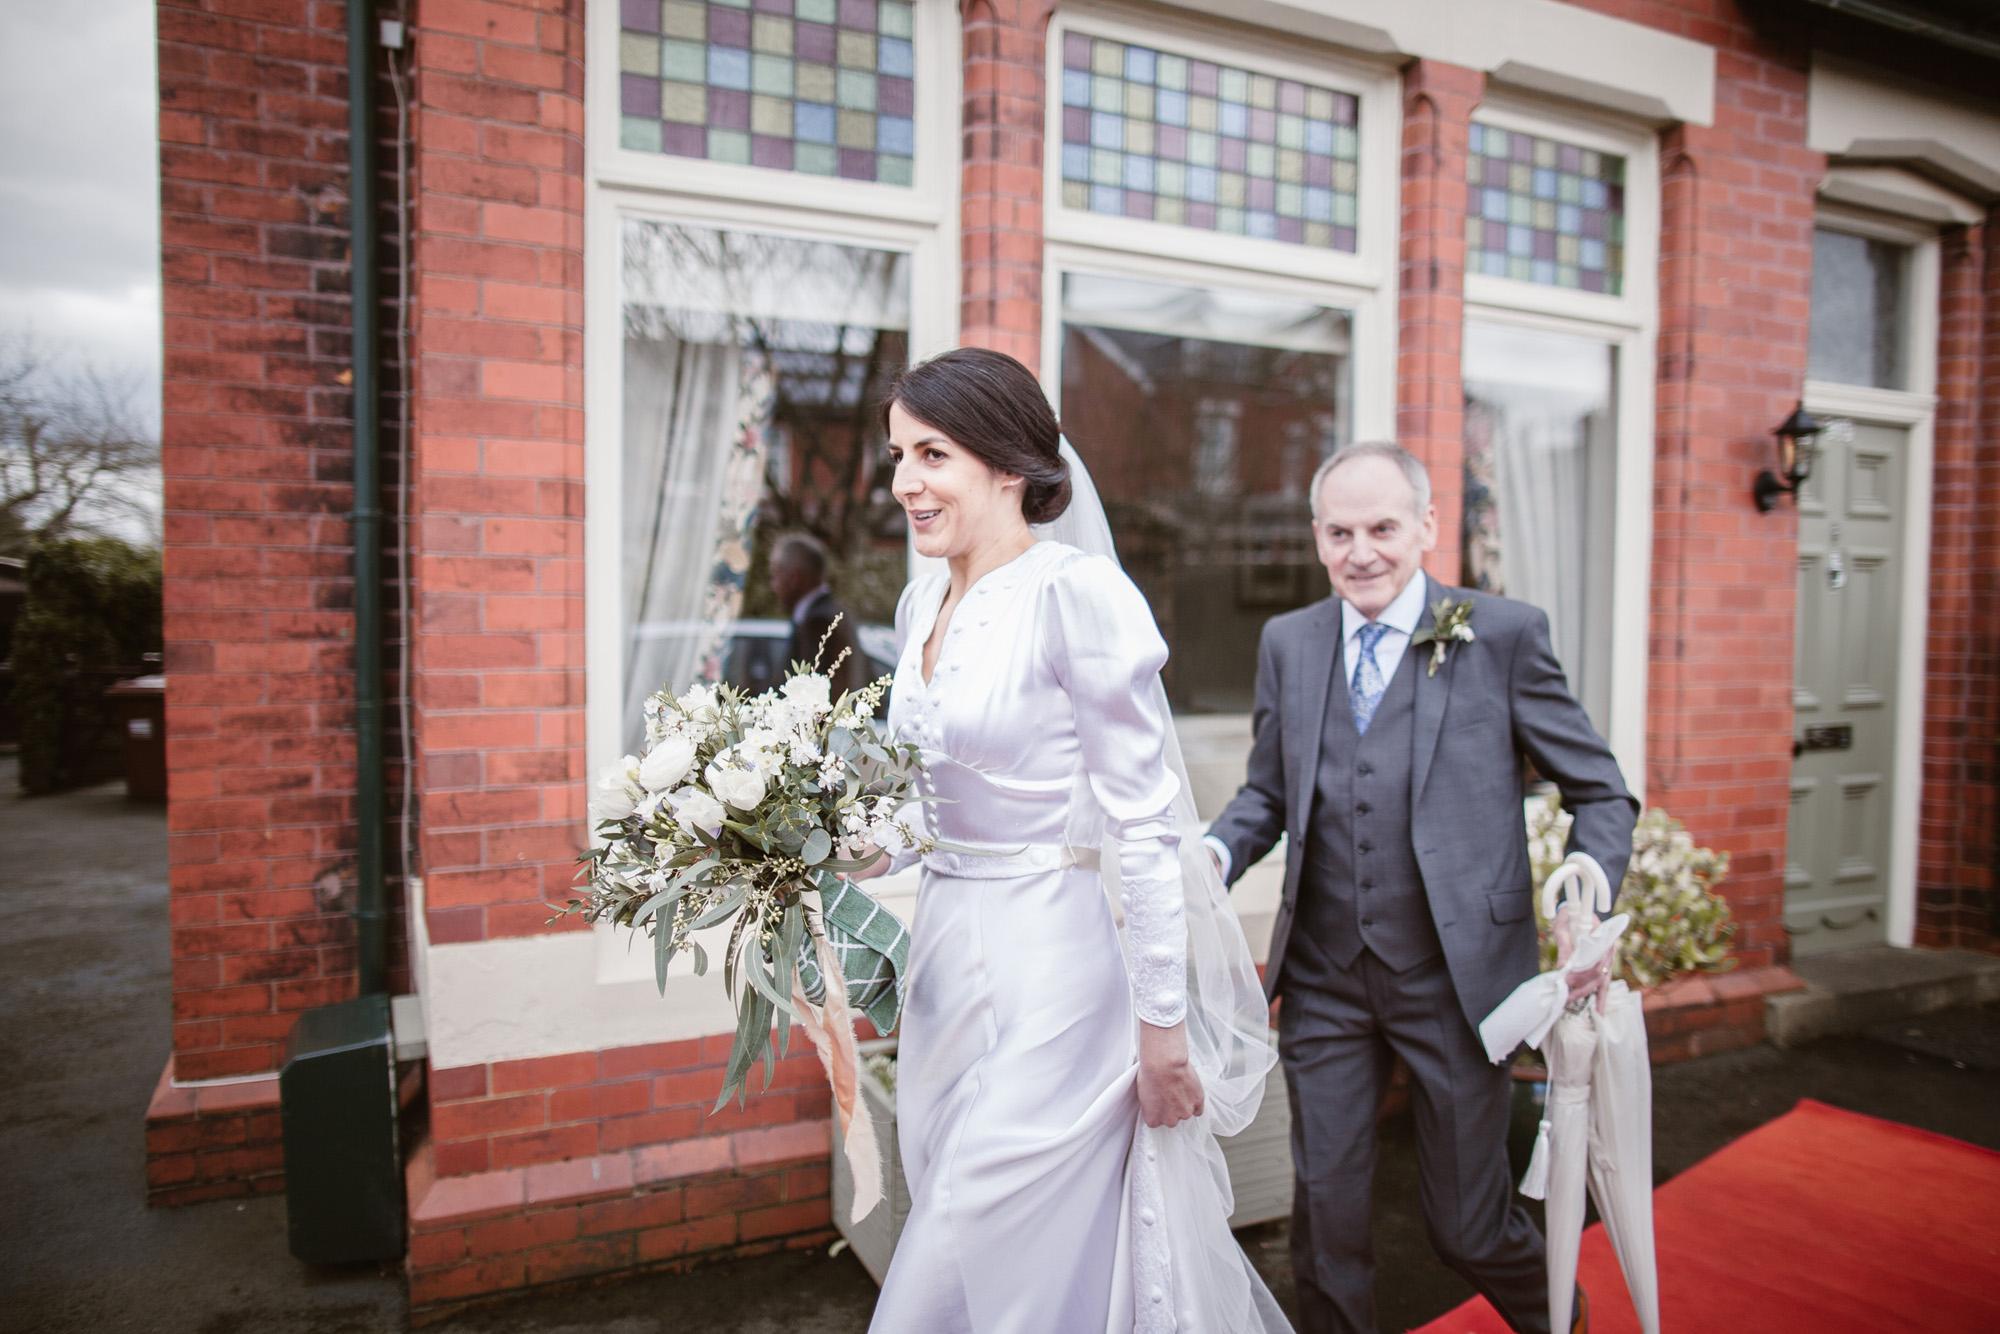 Kate-Elegant-Original-Vintage-1930s-Wedding-Gown-Kate-Beaumont-Sheffield-5.jpg